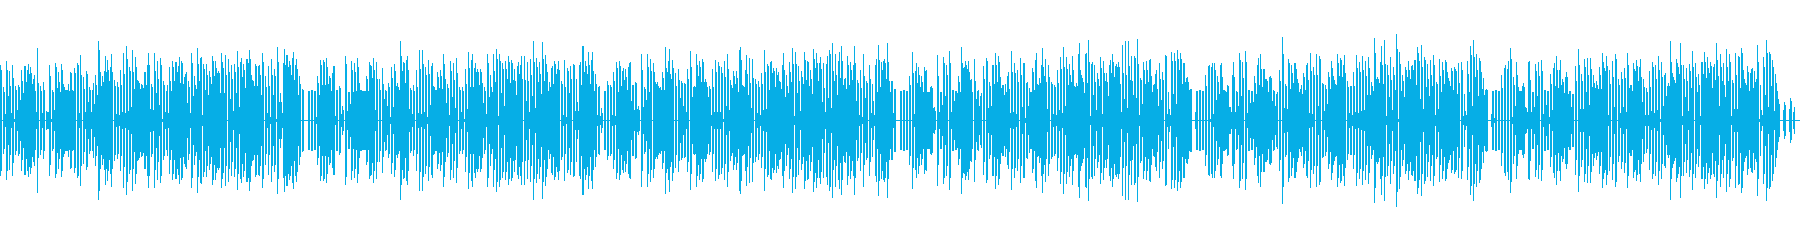 RPG・渓谷BGMの再生済みの波形